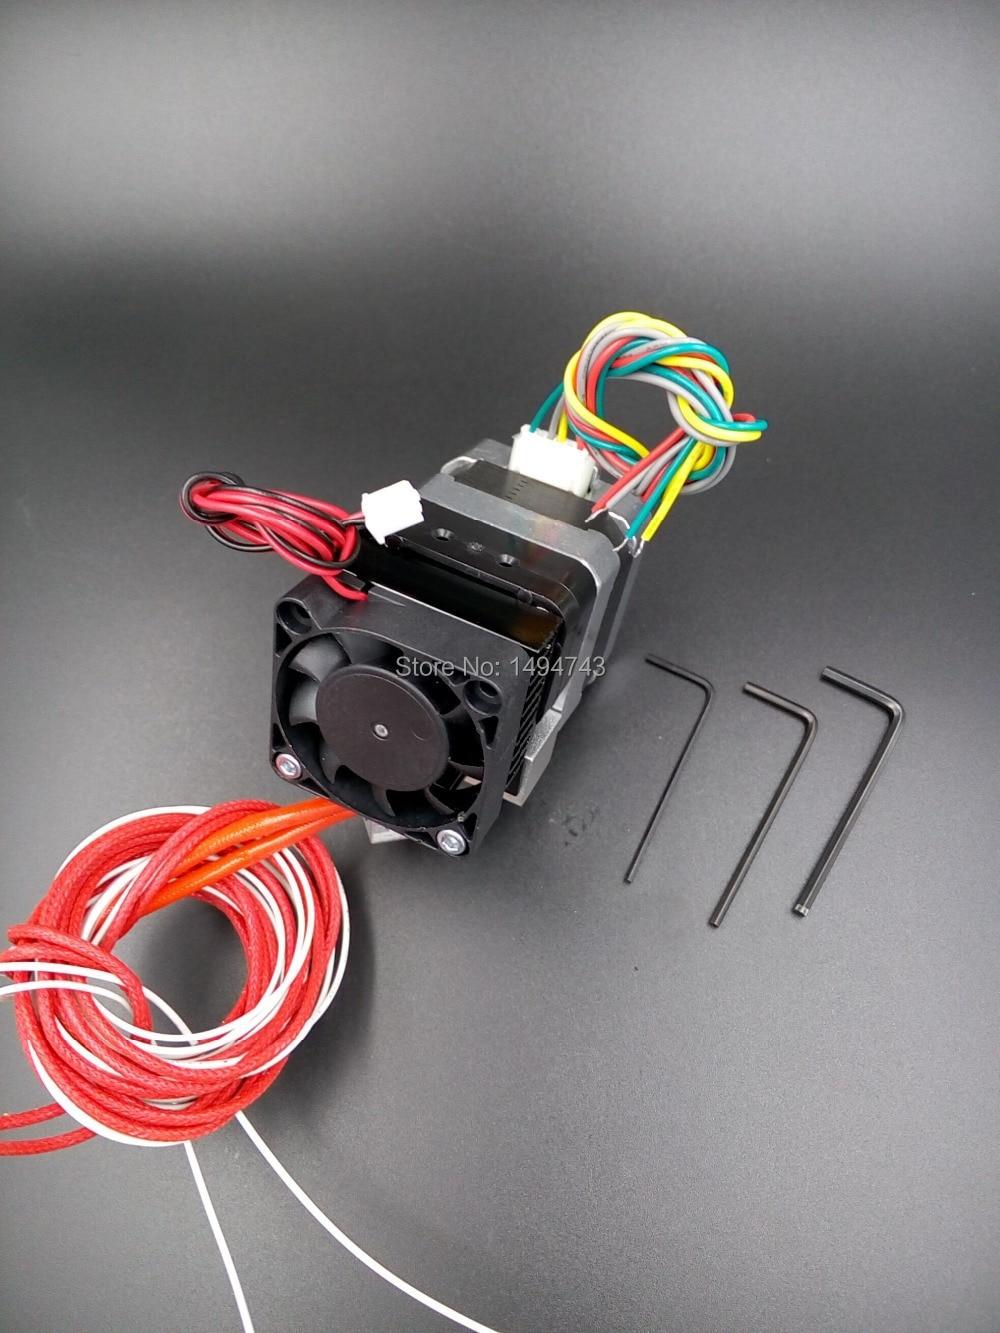 2 sets 0.4mm Nozzle MK7 3D printer extruder for Makerbot Prusa i3 Kossel Mendel RepRap 3D printer